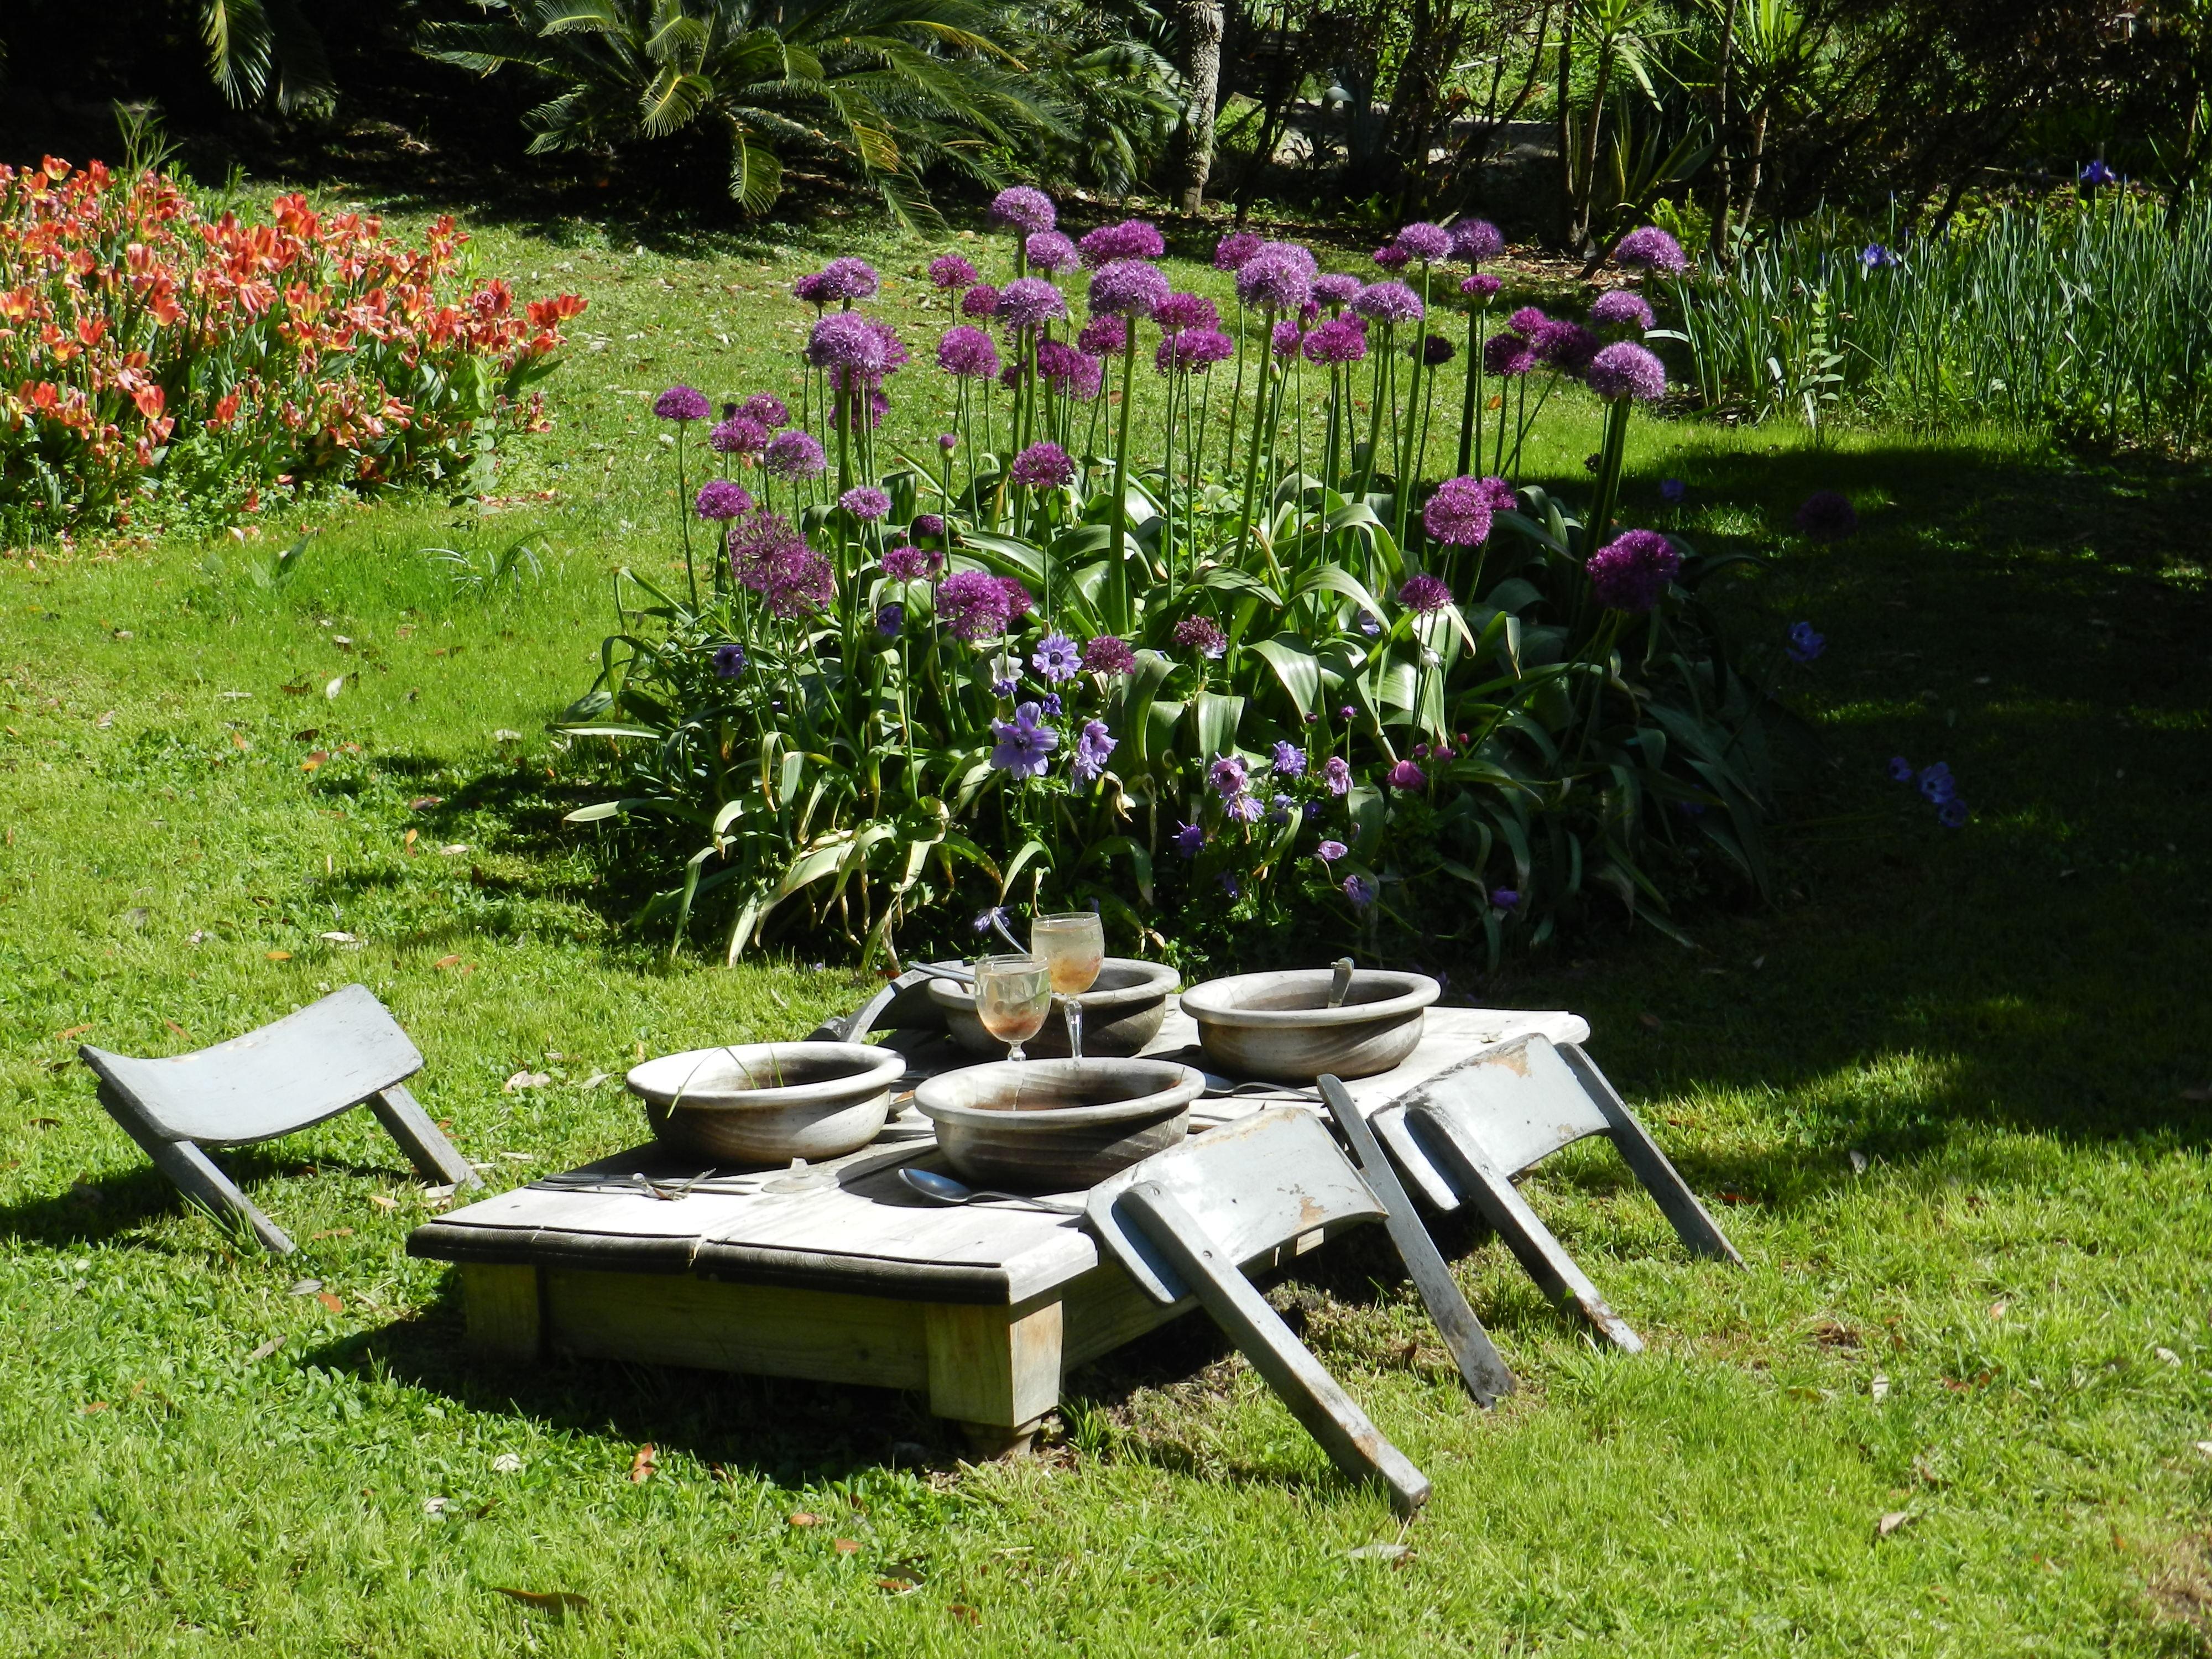 Giardino Botanico - André Heller - Gardone Riviera